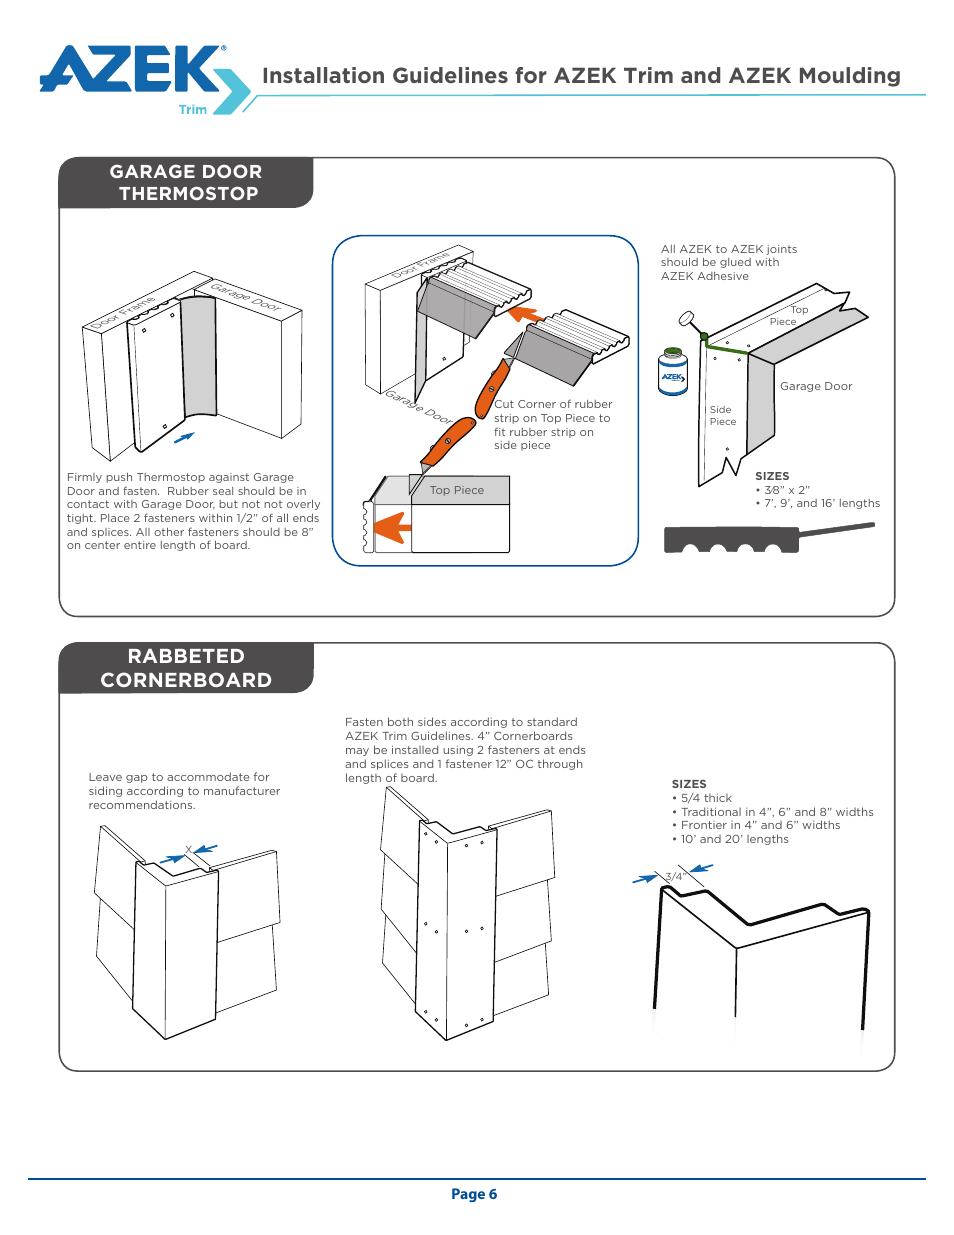 Rabbeted cornerboard, Garage door thermostop | AZEK Trim